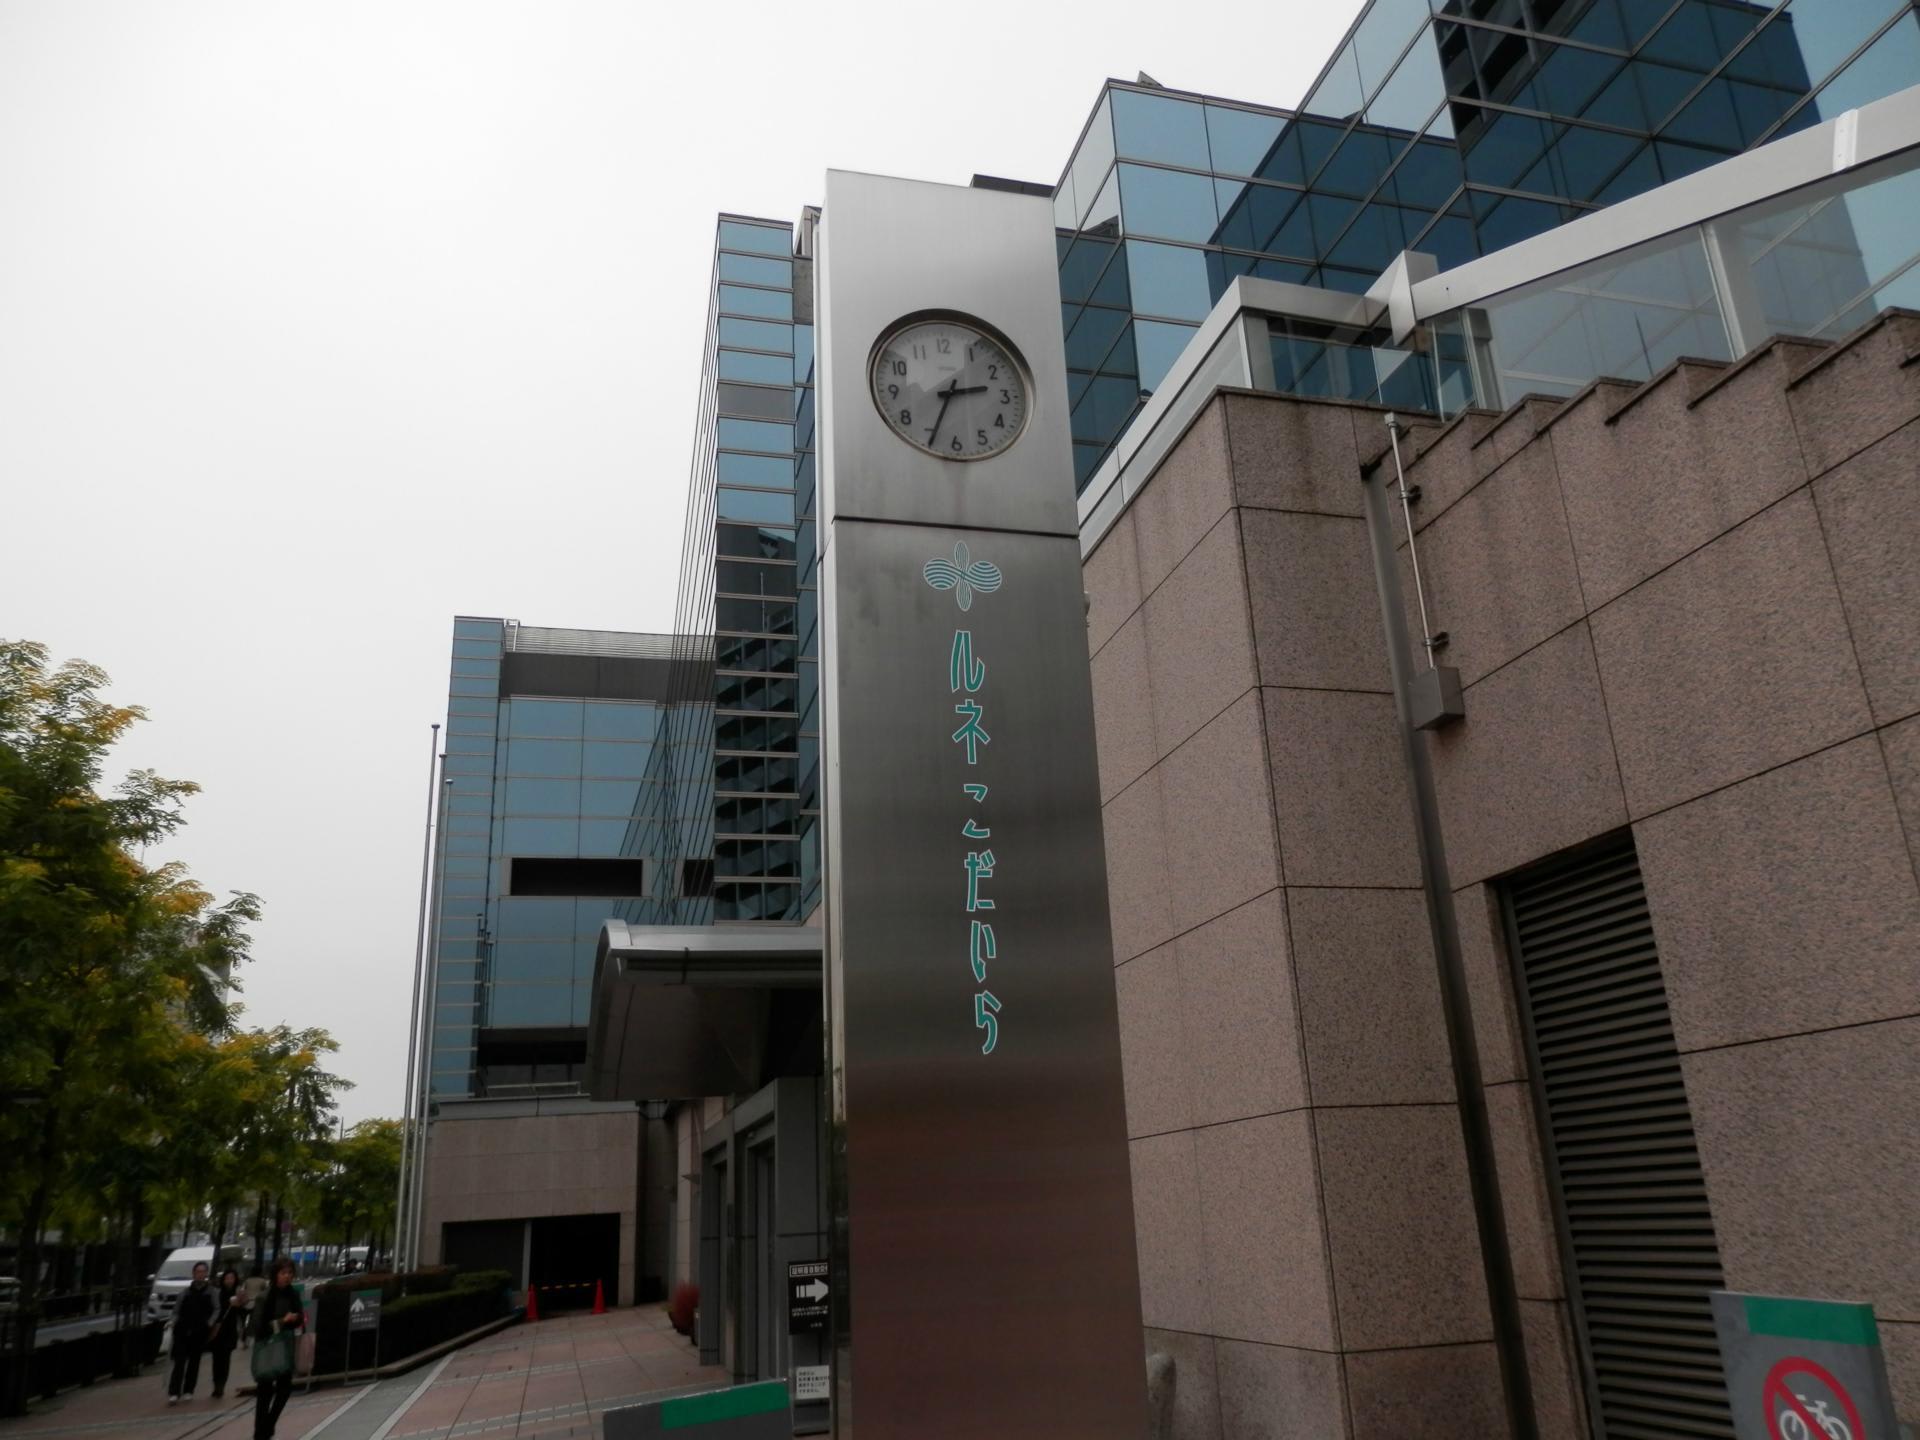 2014年11月9日、日曜日。 場所は、「ルネこだいら 大ホール」です。 名前はよく聞くホールですが、訪れるのは初めて。  西武新宿線の小平駅から歩いて2~3分の